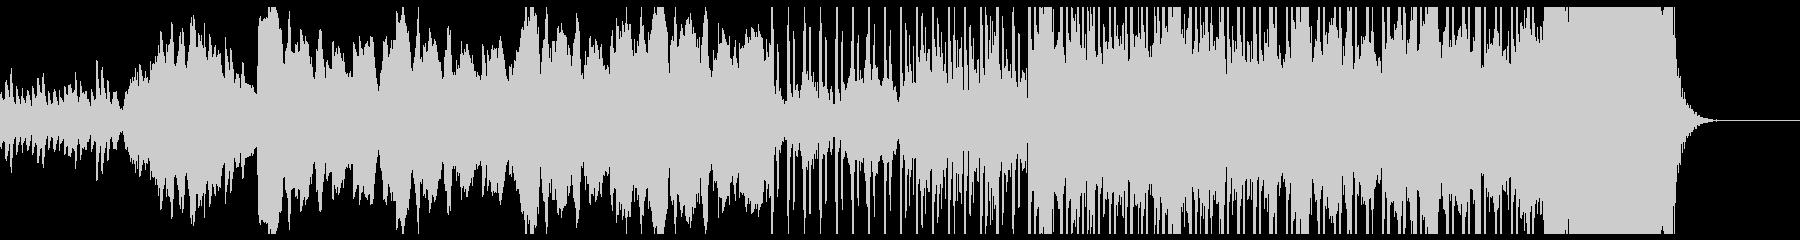 ハロウィン向け怪しいベルのBGMの未再生の波形